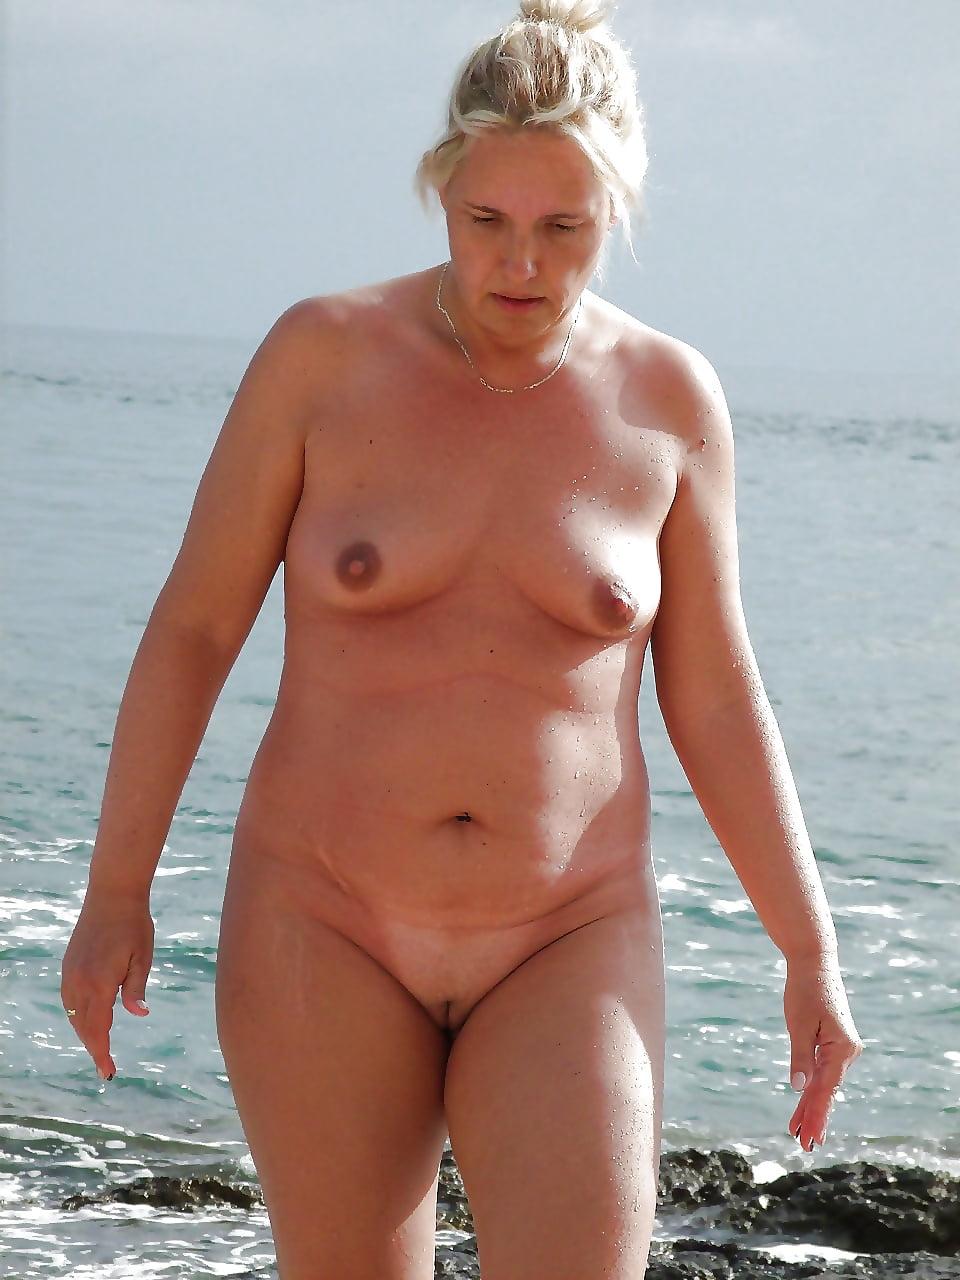 спортзал, фото голые пожилые женщины на пляже продолжалась